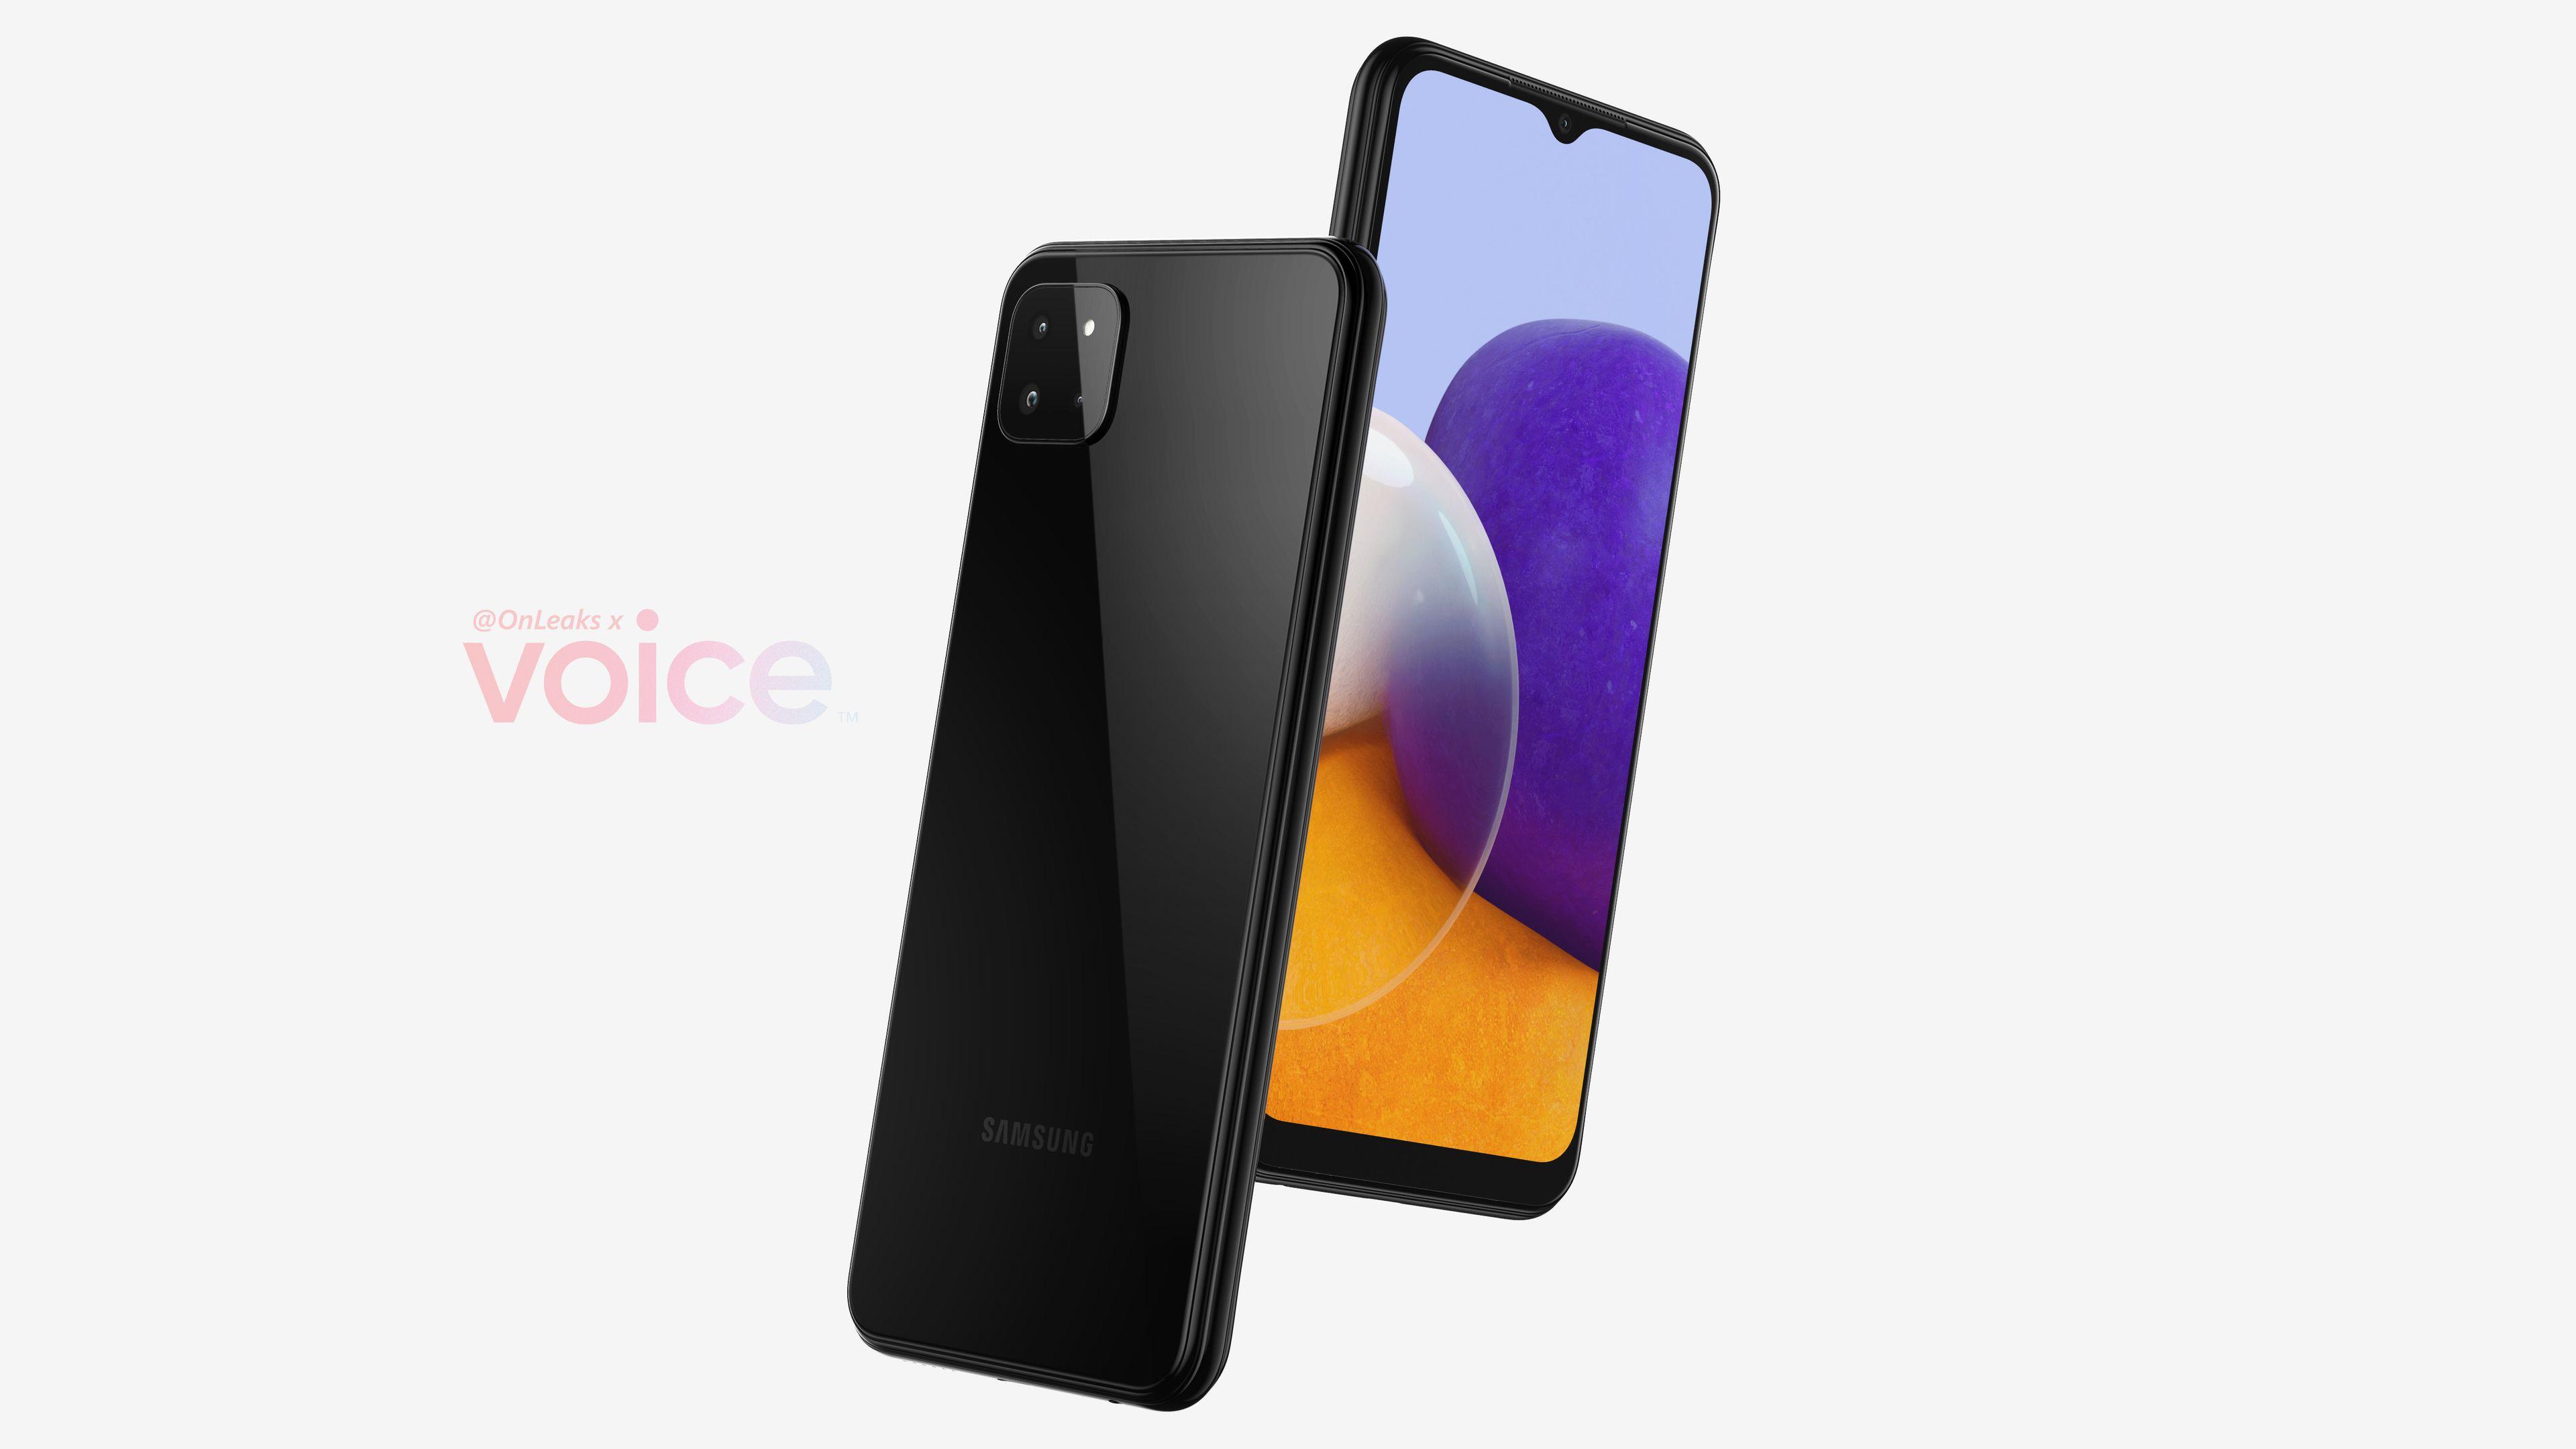 Galaxy A22 на рендерах и видео: так будет выглядеть самый дешёвый 5G-смартфон Samsung